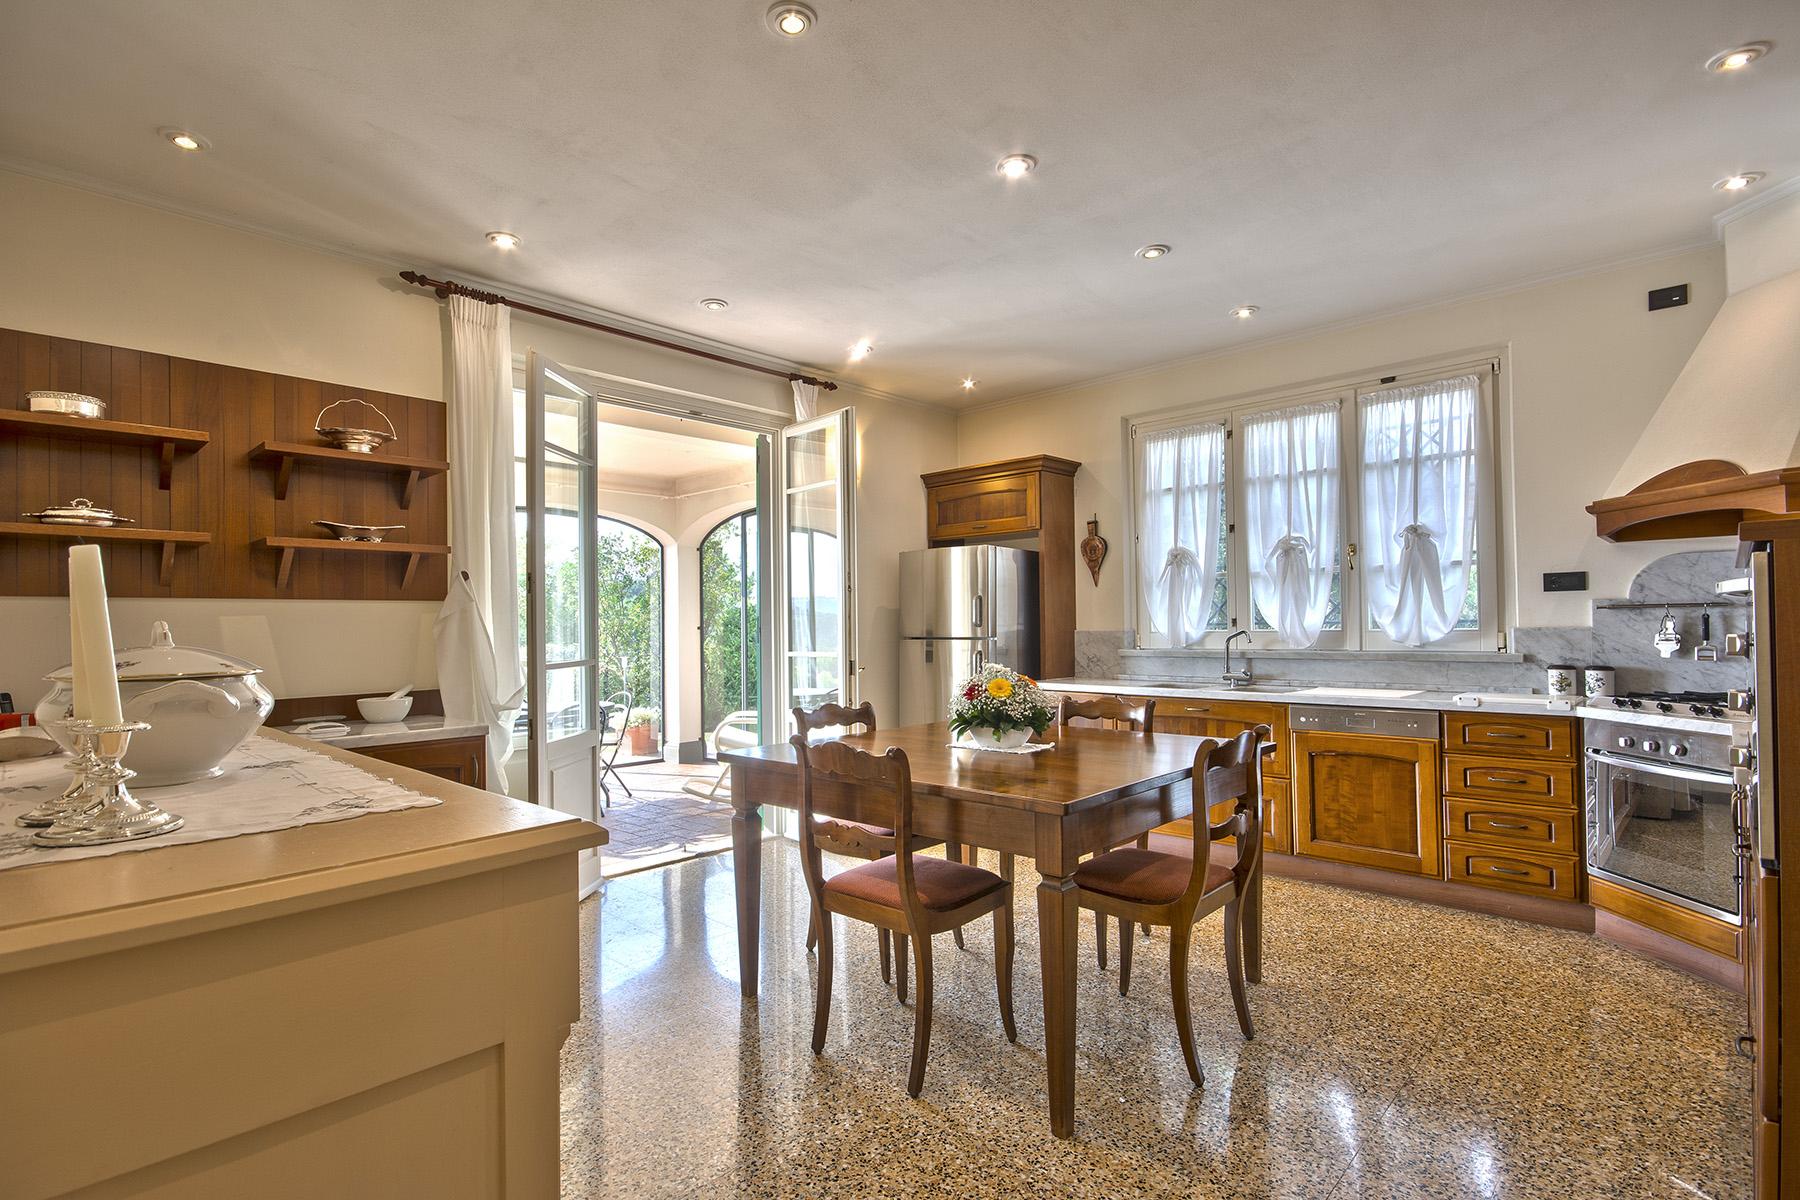 Casa indipendente in Vendita a Lucca: 5 locali, 300 mq - Foto 7